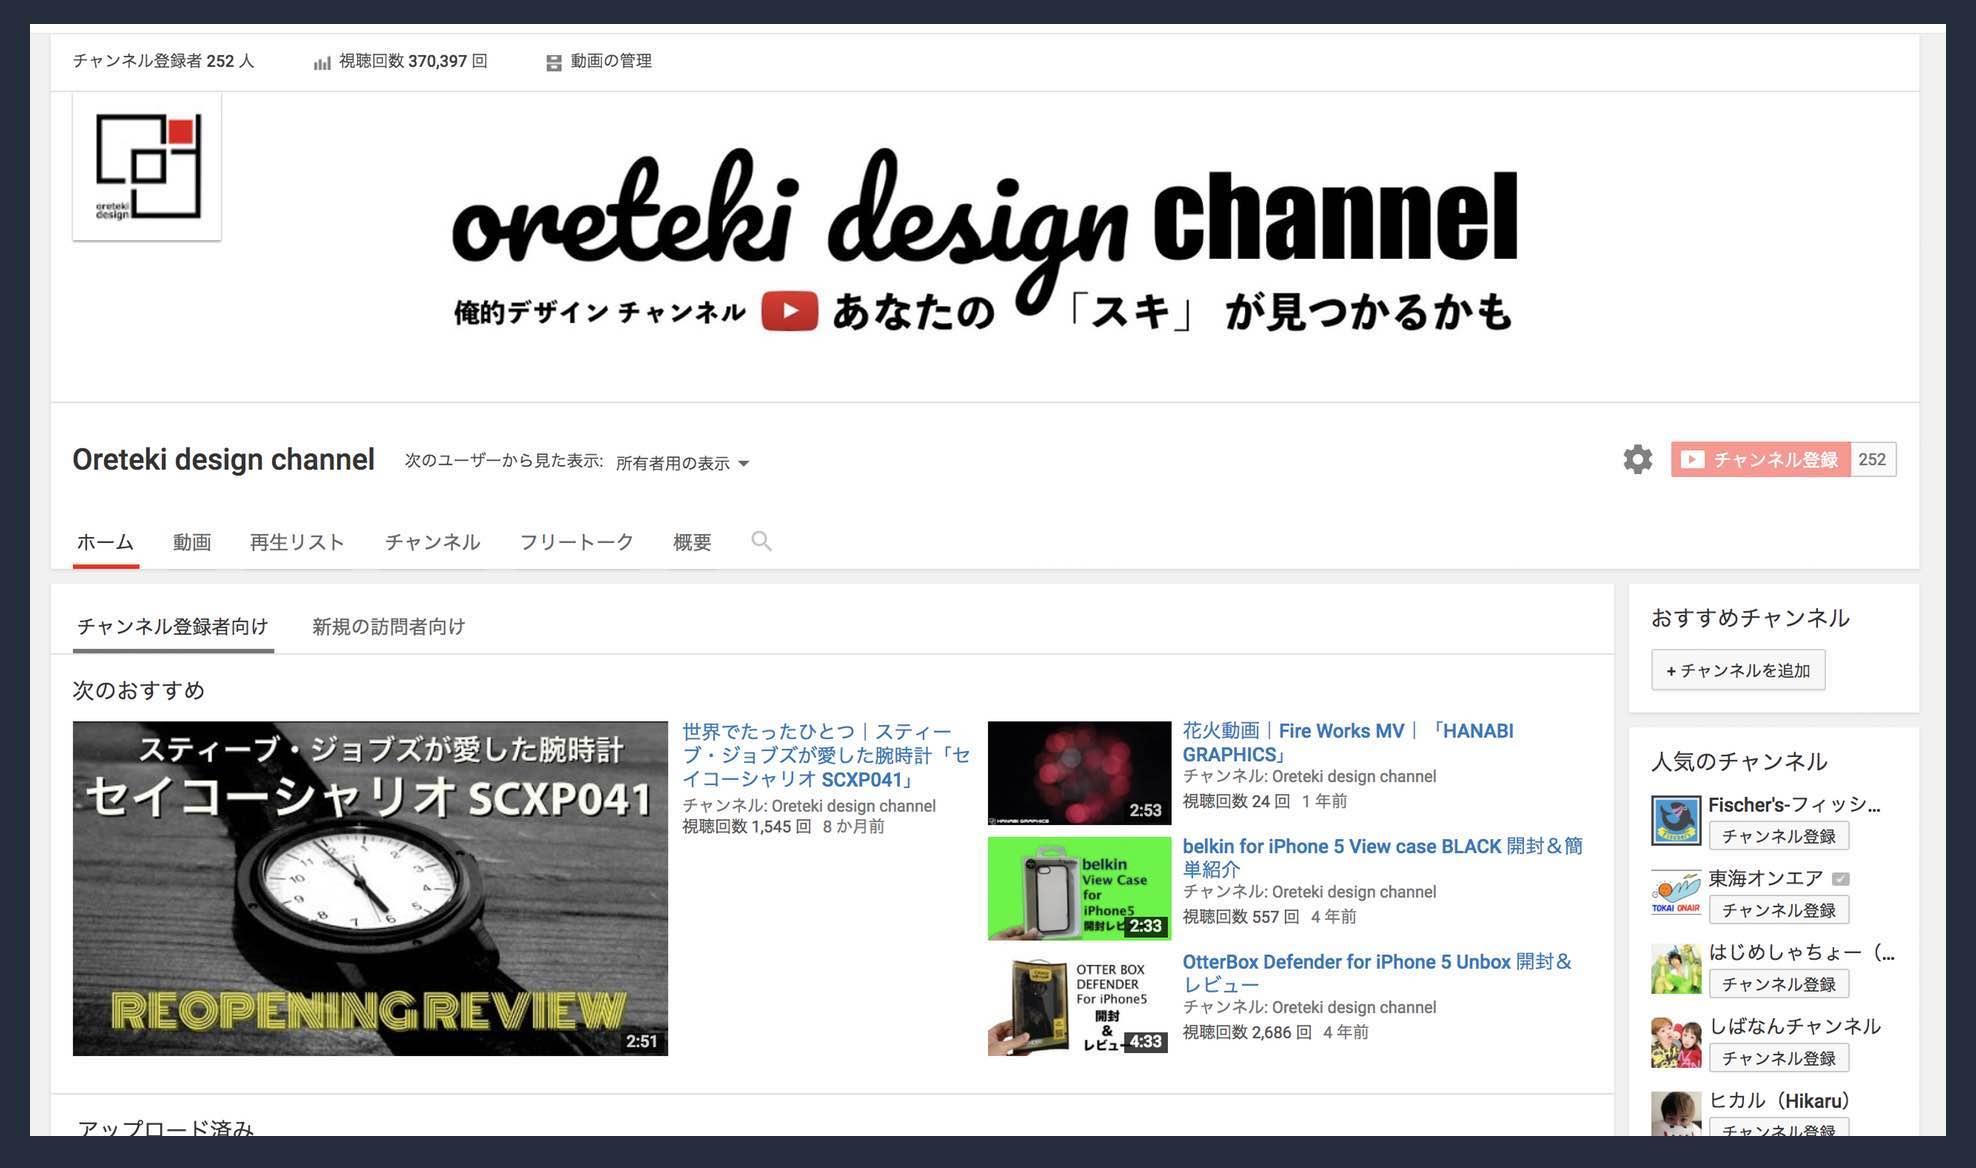 俺的デザインチャンネルのパソコン表示の画像